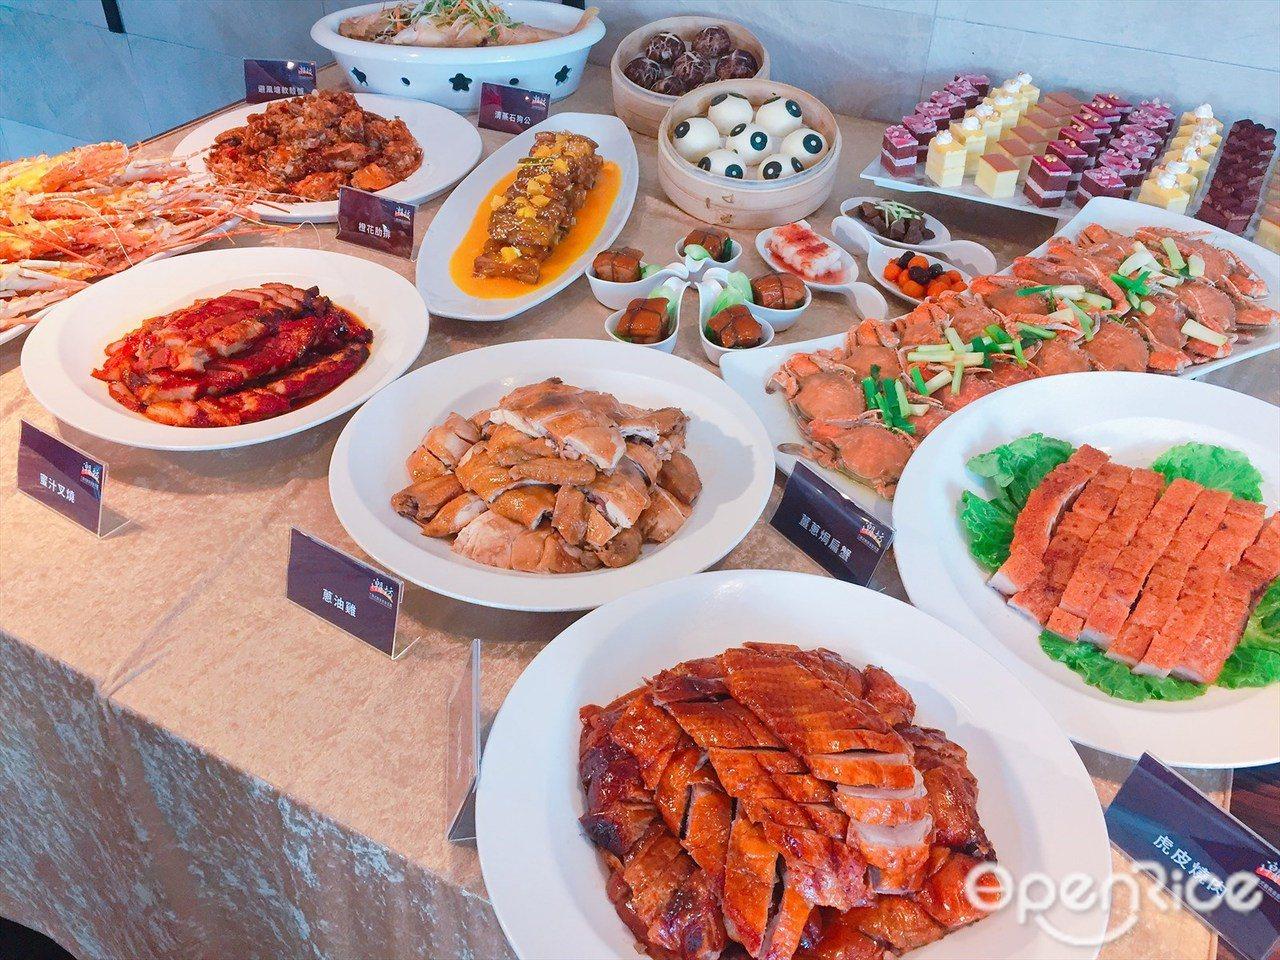 ▲潮坊祭出周末假日799元「龍蝦吃到飽」及夏日海鮮百匯主題